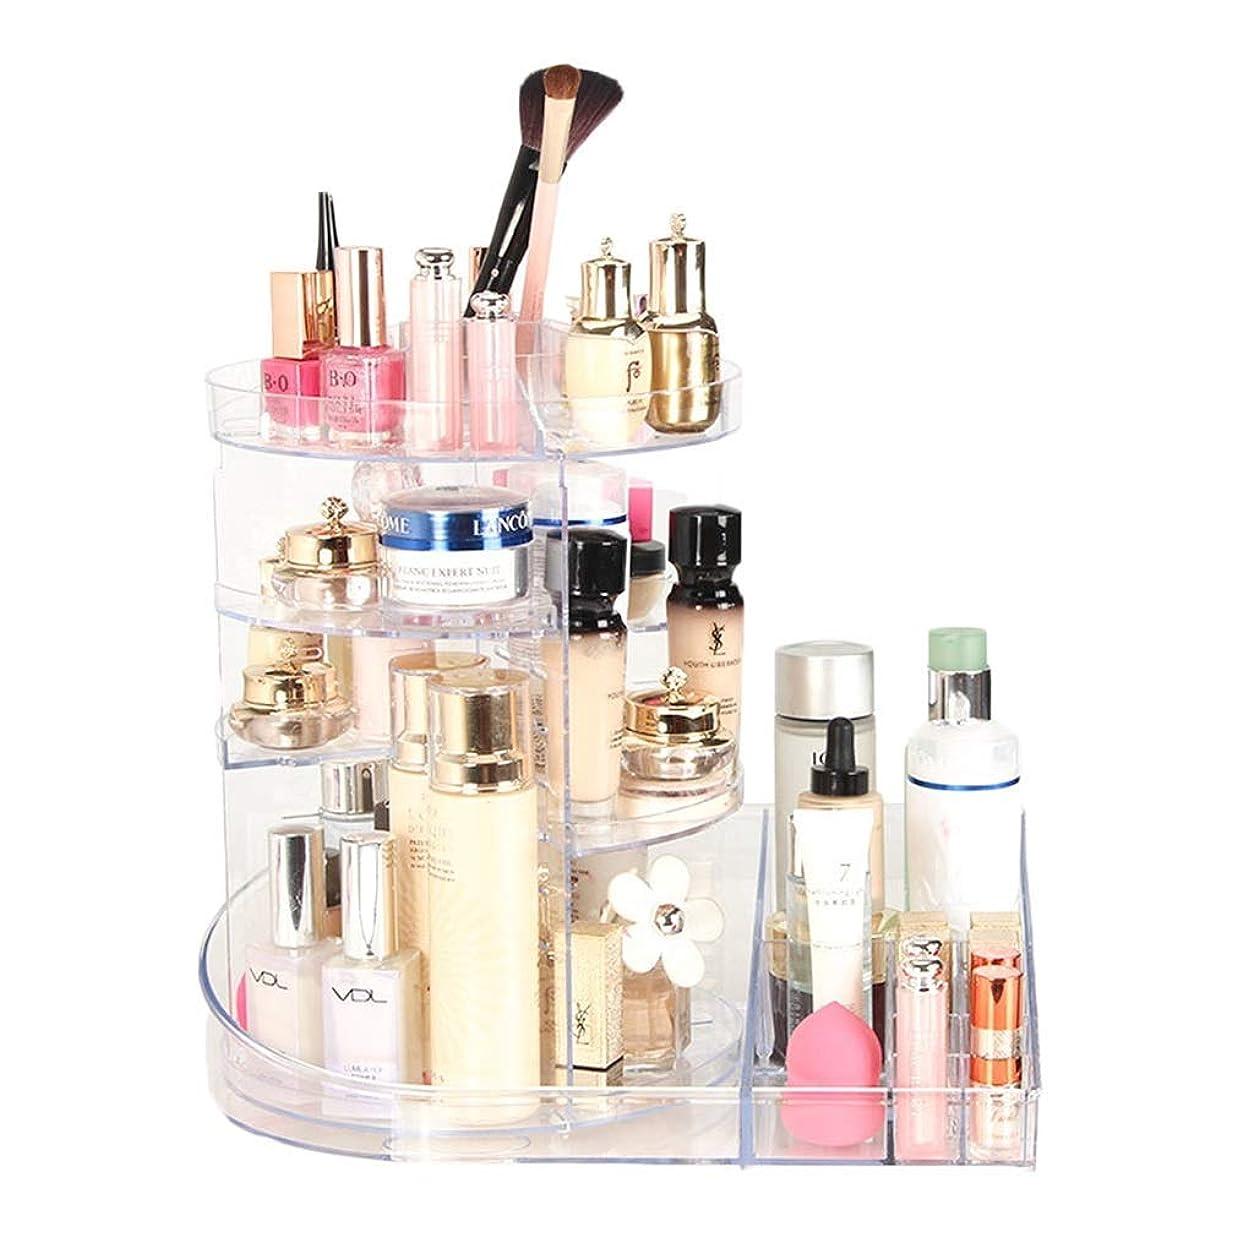 露出度の高い階層好意的化粧オーガナイザー回転化粧カルーセル化粧品収納ボックスは、トナー、クリーム、化粧ブラシ、口紅など、透明な寝室/浴室/部屋/あなたの生活に便利です